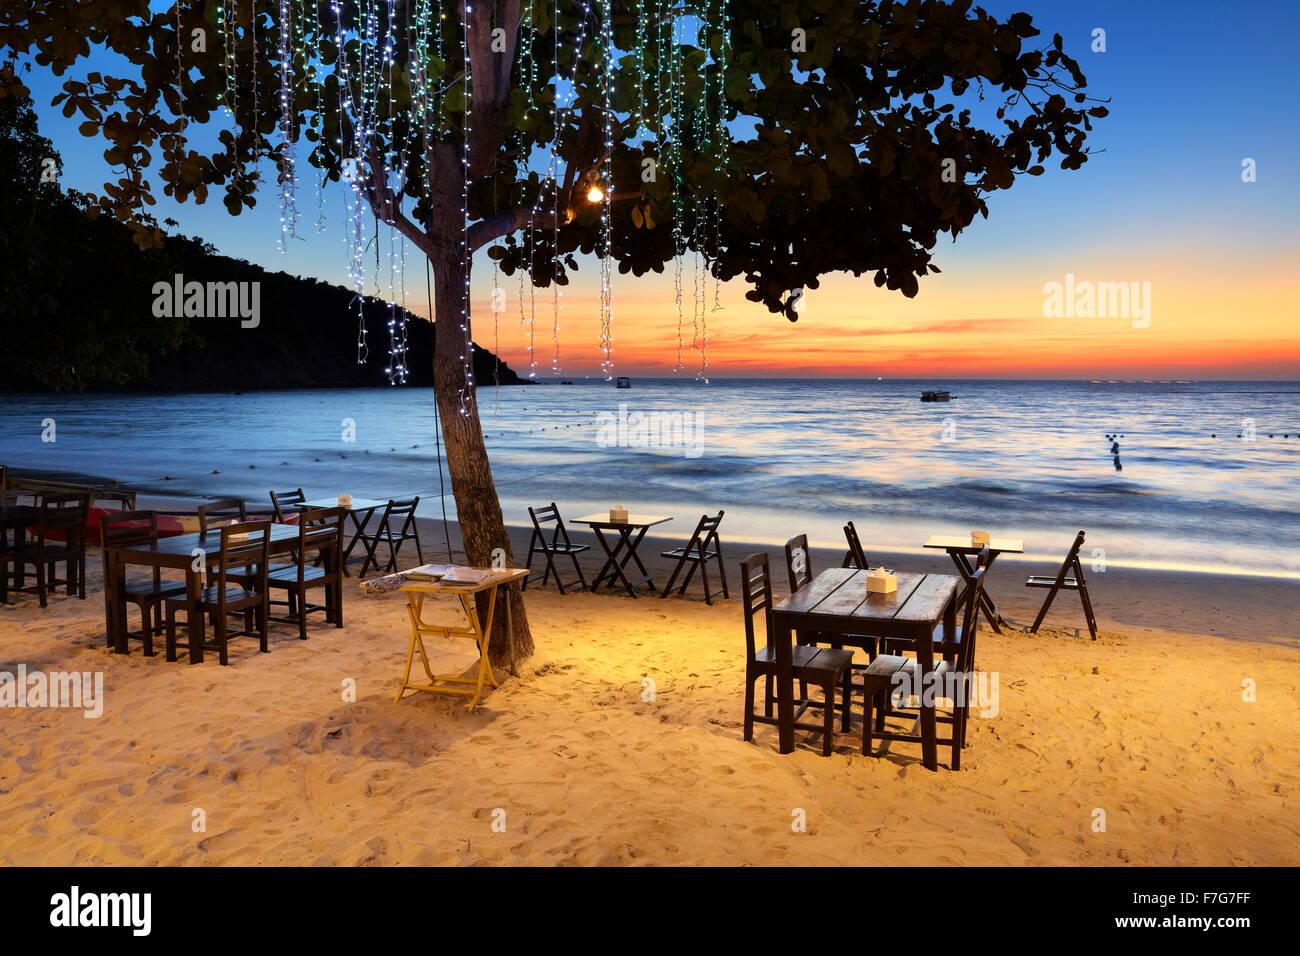 Le restaurant de la plage au coucher du soleil, Lima Coco Resort, Ko Samet Island, Thaïlande Photo Stock